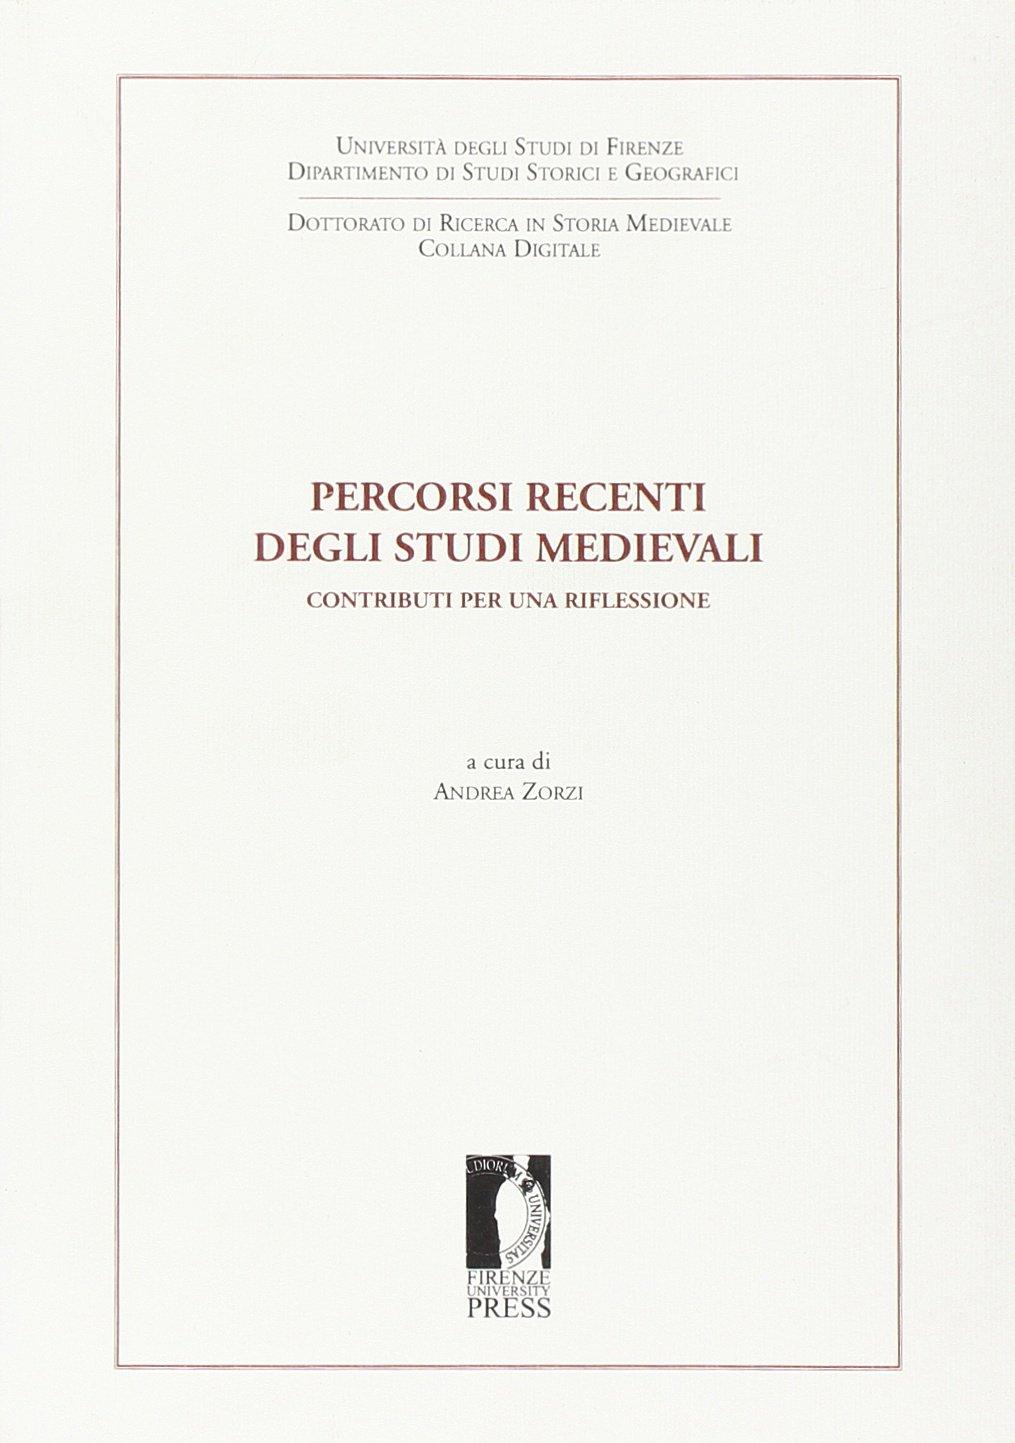 Il Linguaggio del Territorio fra Principe e Comunità. Il Giuramento di Fedeltà a Federico Gonzaga (Mantova 1479)